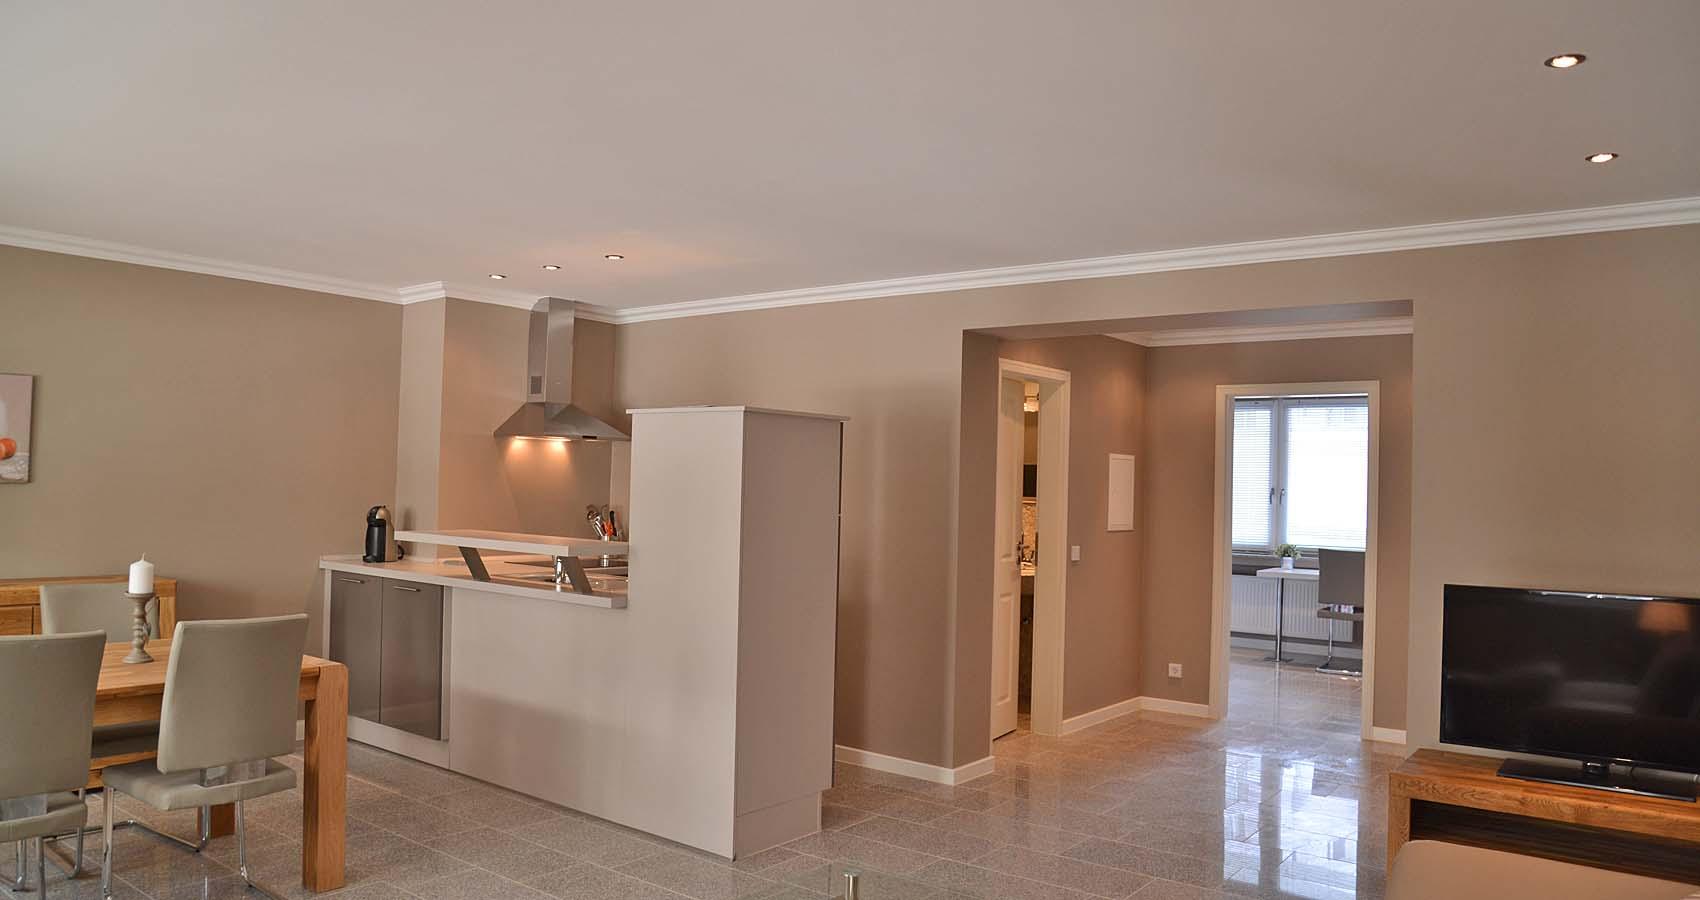 Offene Küche Esszimmer Wohnzimmer 30 Minuten Küche Nobilia